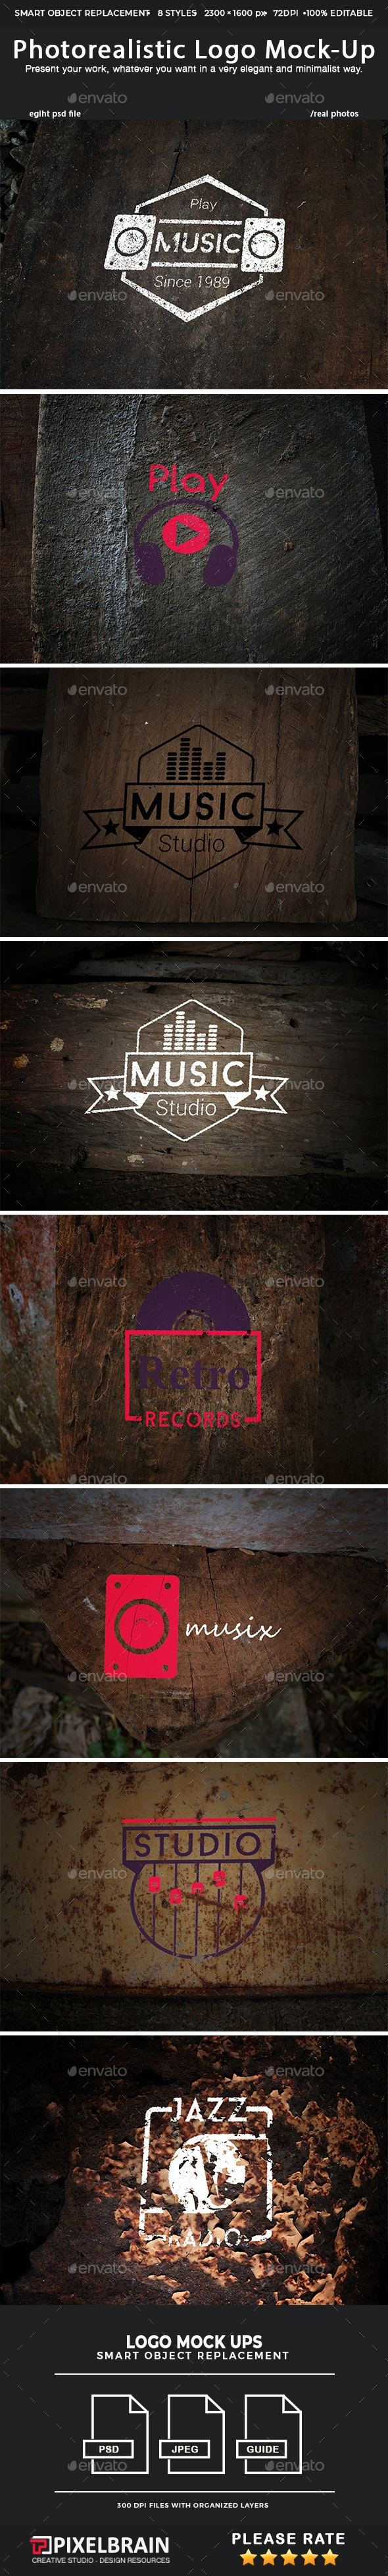 Photorealistic Logo Mock-Up Pack 3 - Logo Product Mock-Ups